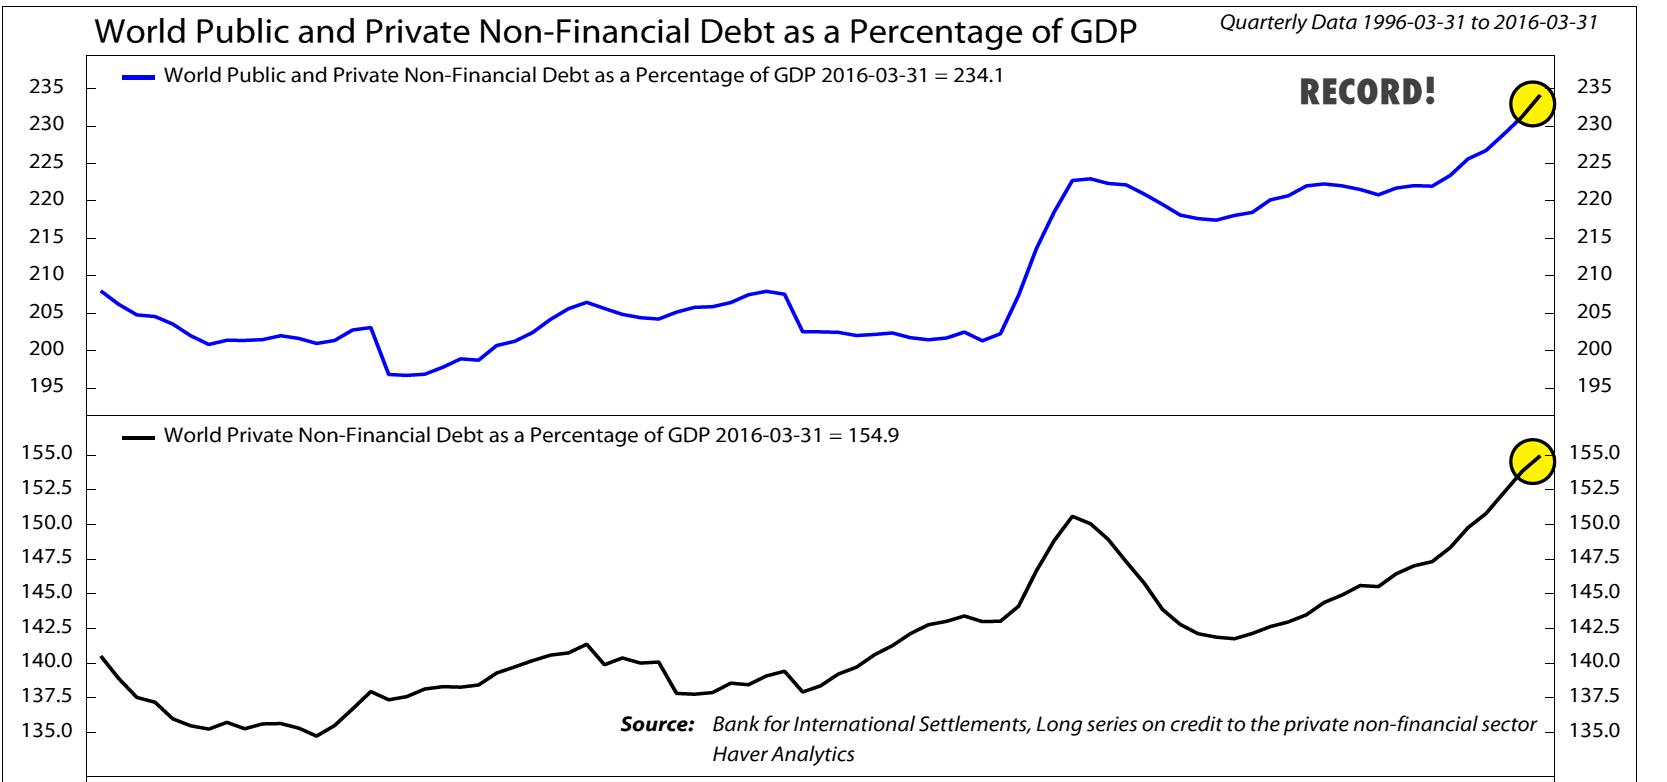 World Public and Private Non-Financial Debt